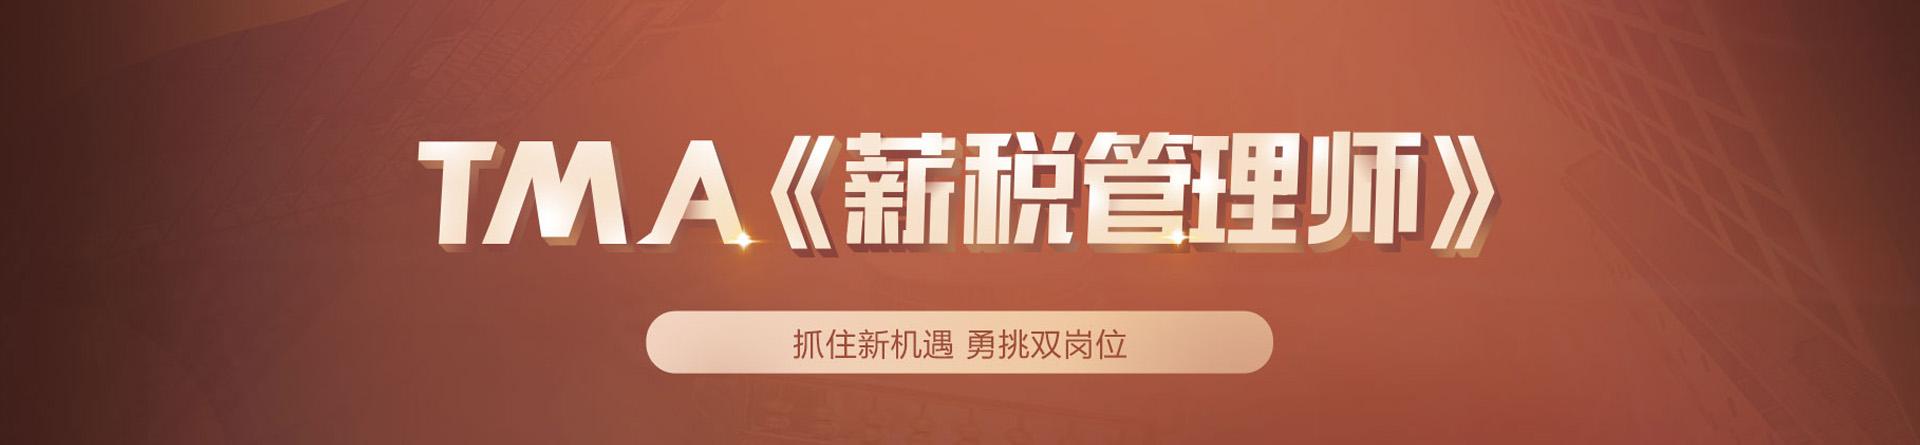 四川德阳优路教育培训学校